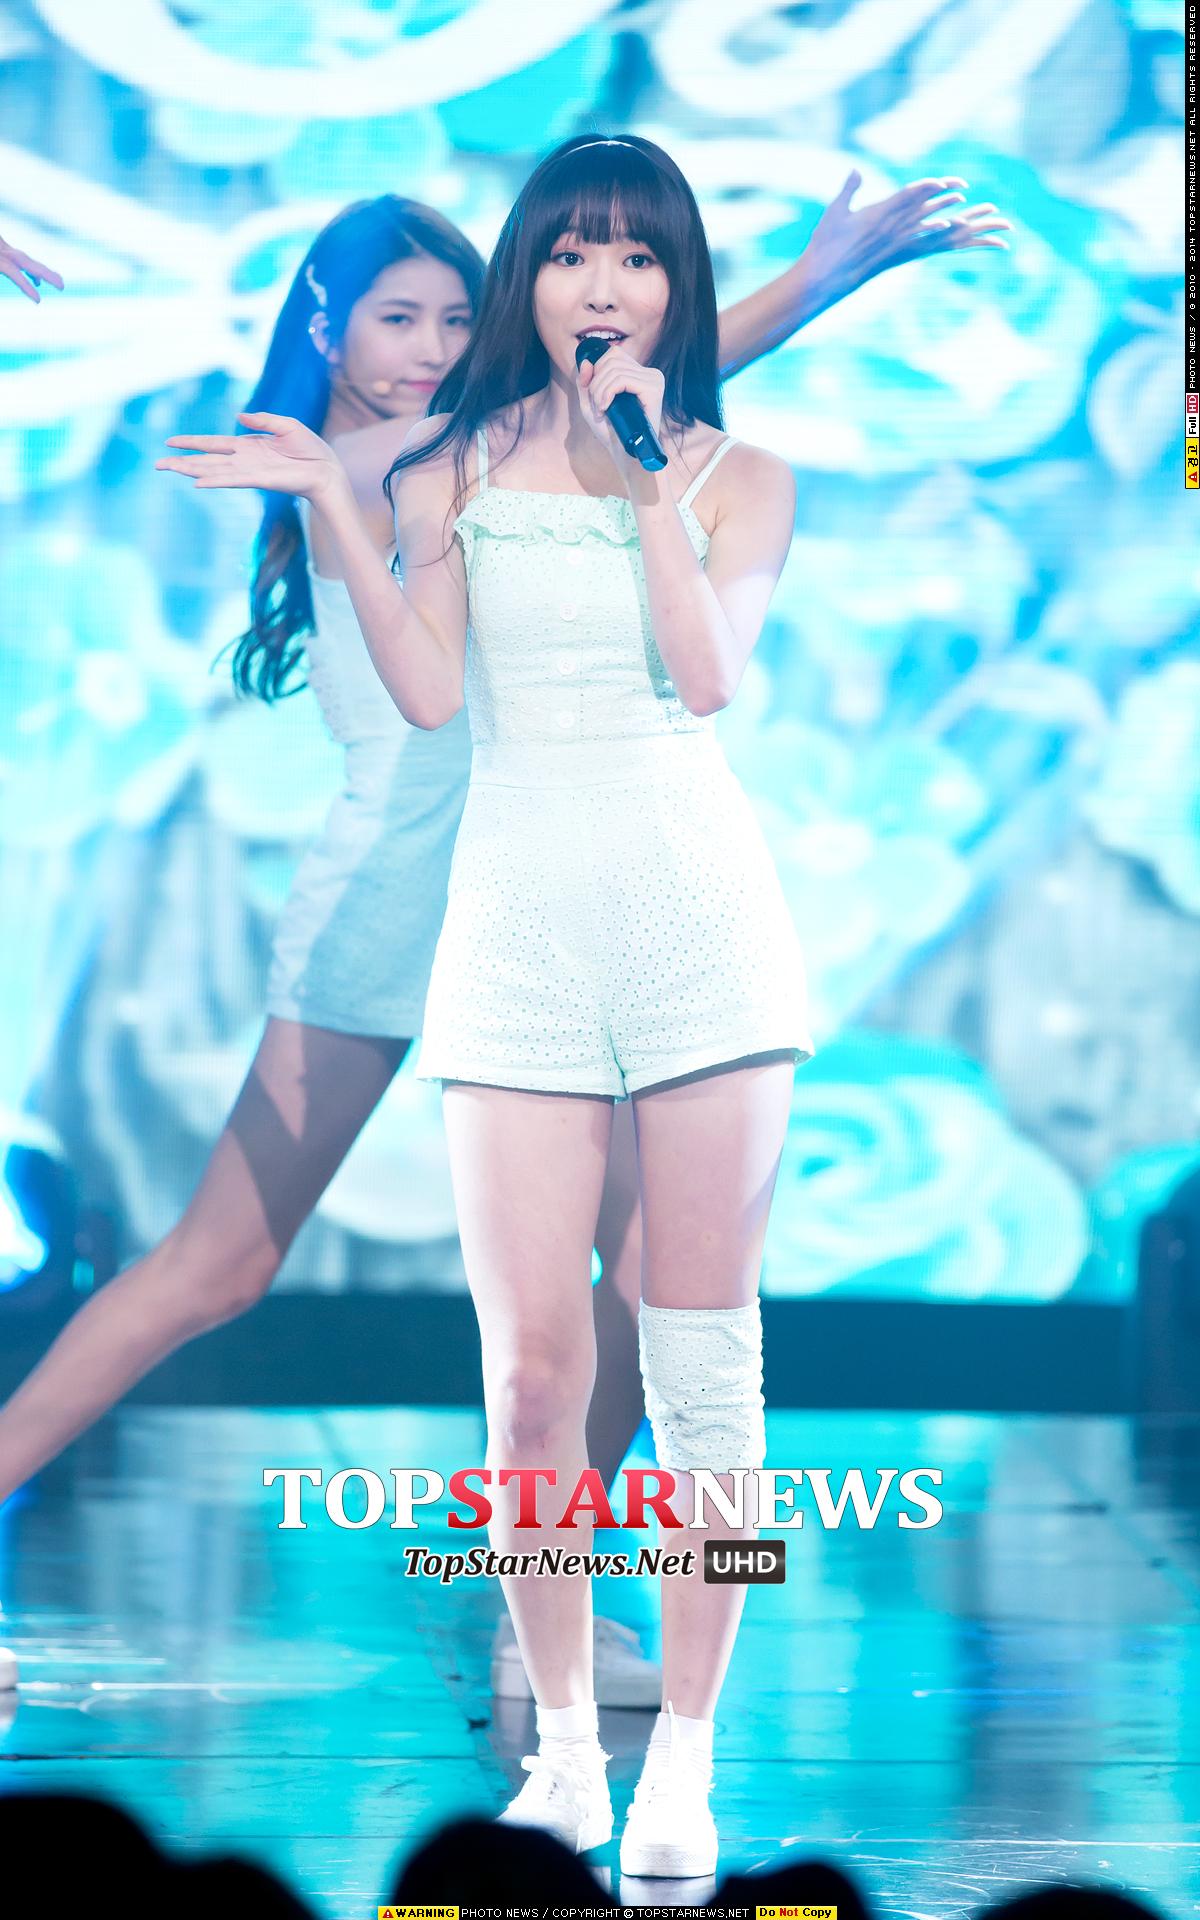 尤其是跌倒最多次的主唱Yuju,雖然一開始還被懷疑是不是假摔造新聞,但看她熱力的跳舞,就知道那摔都是扎扎實實的痛啊~